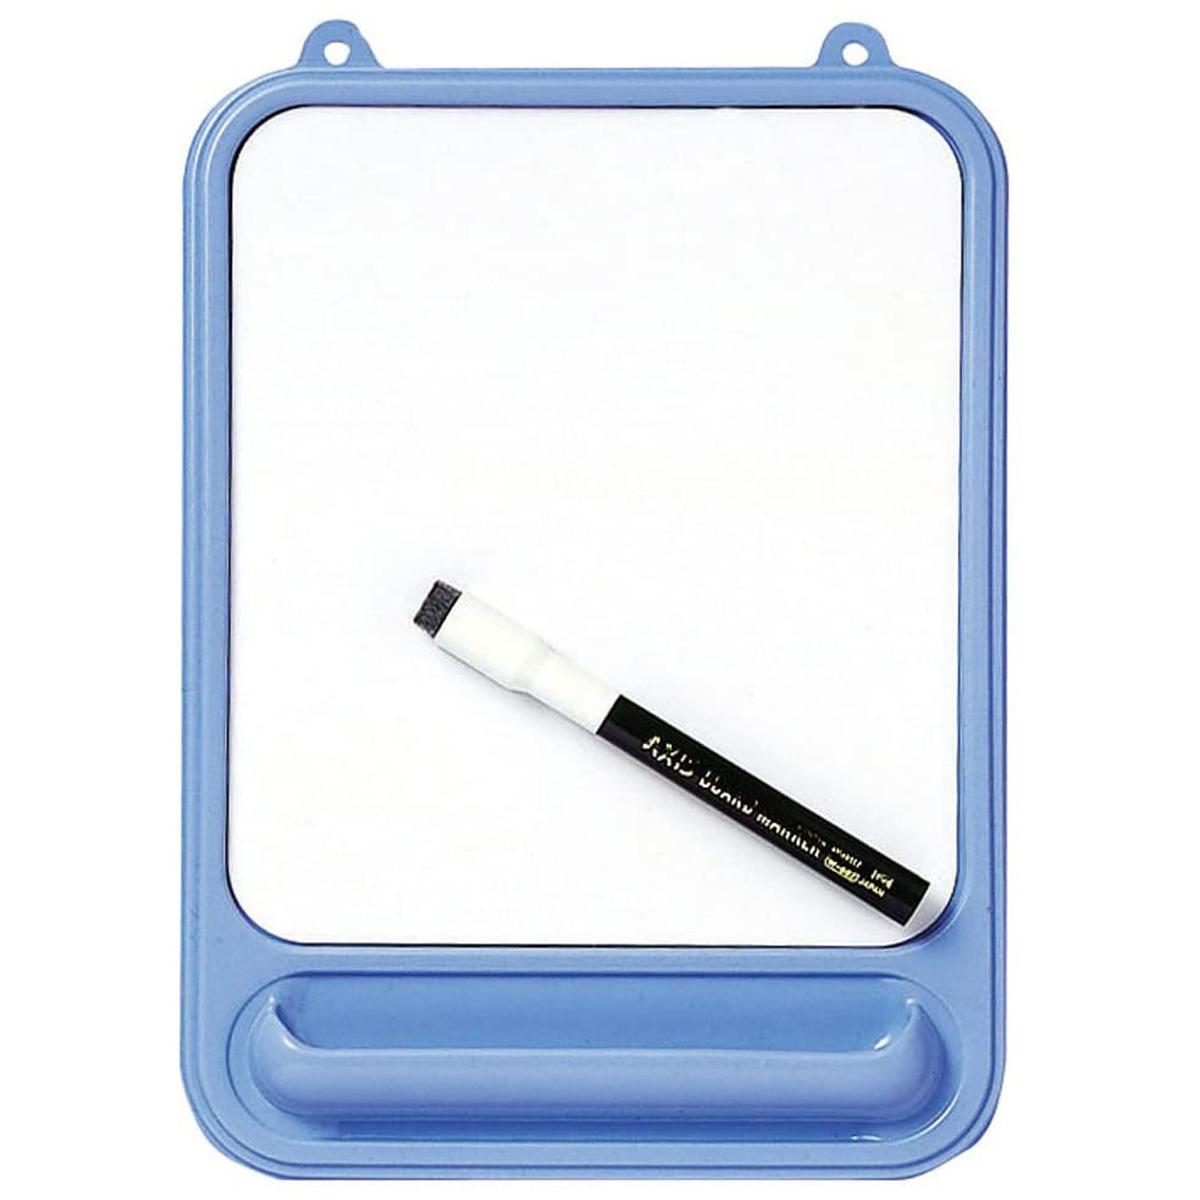 ホワイトボード ミニ ソフトホワイトボード マグネット付 伝言板 ボード お絵かき スケジュール メモ デビカ